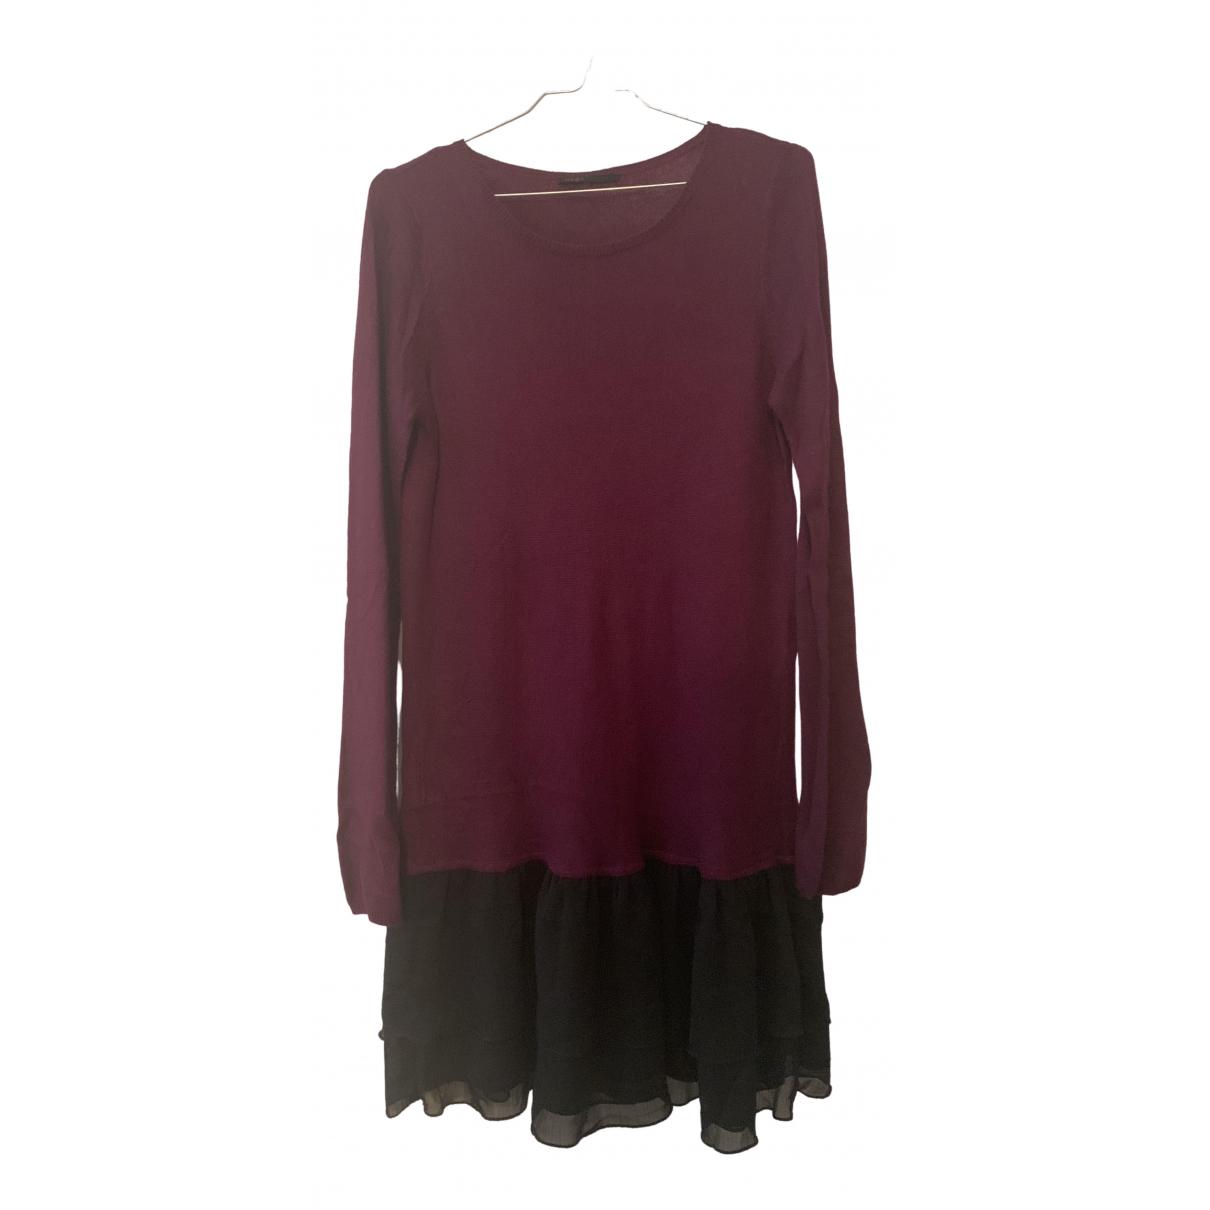 Maje \N Kleid in  Bordeauxrot Synthetik